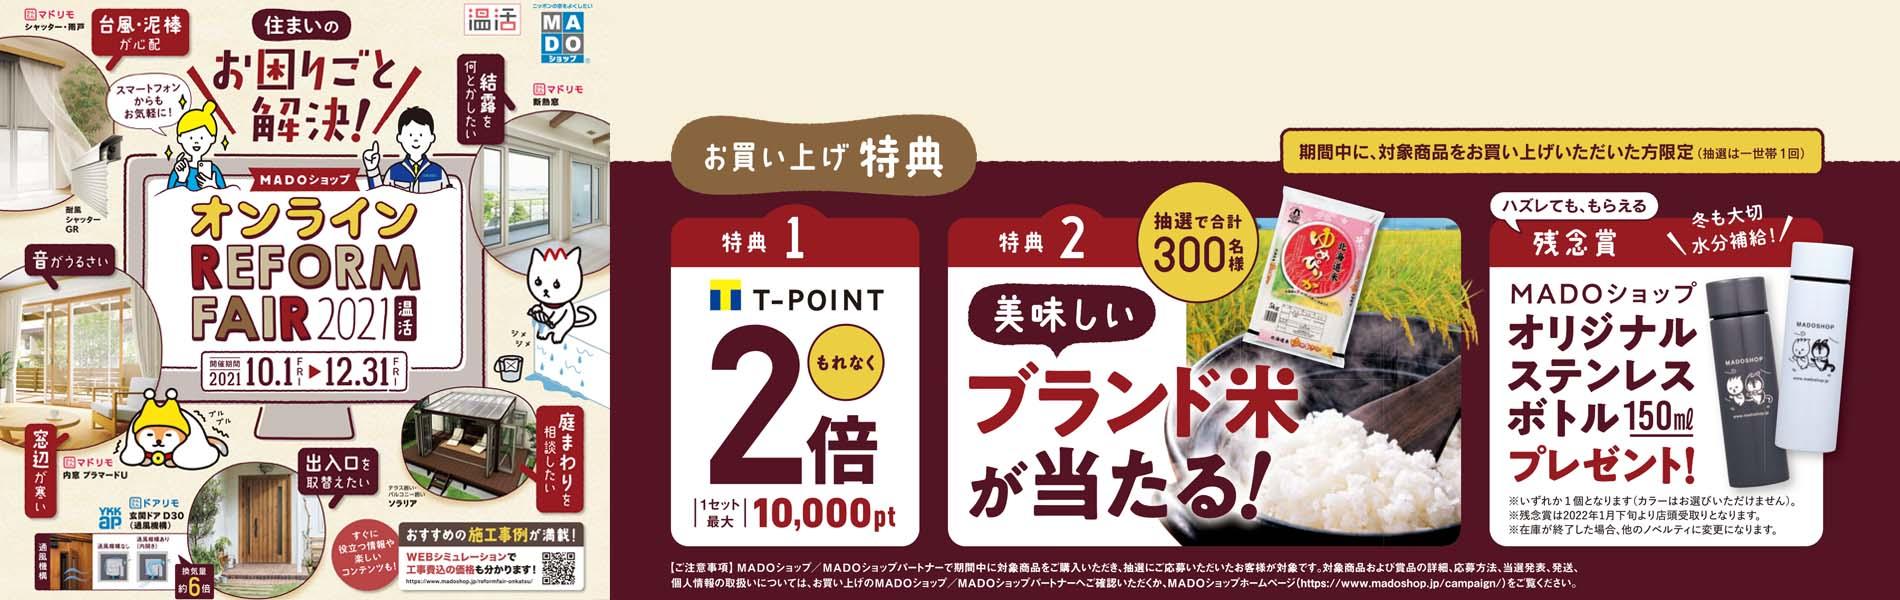 オンラインREFORMFAIR2021温活